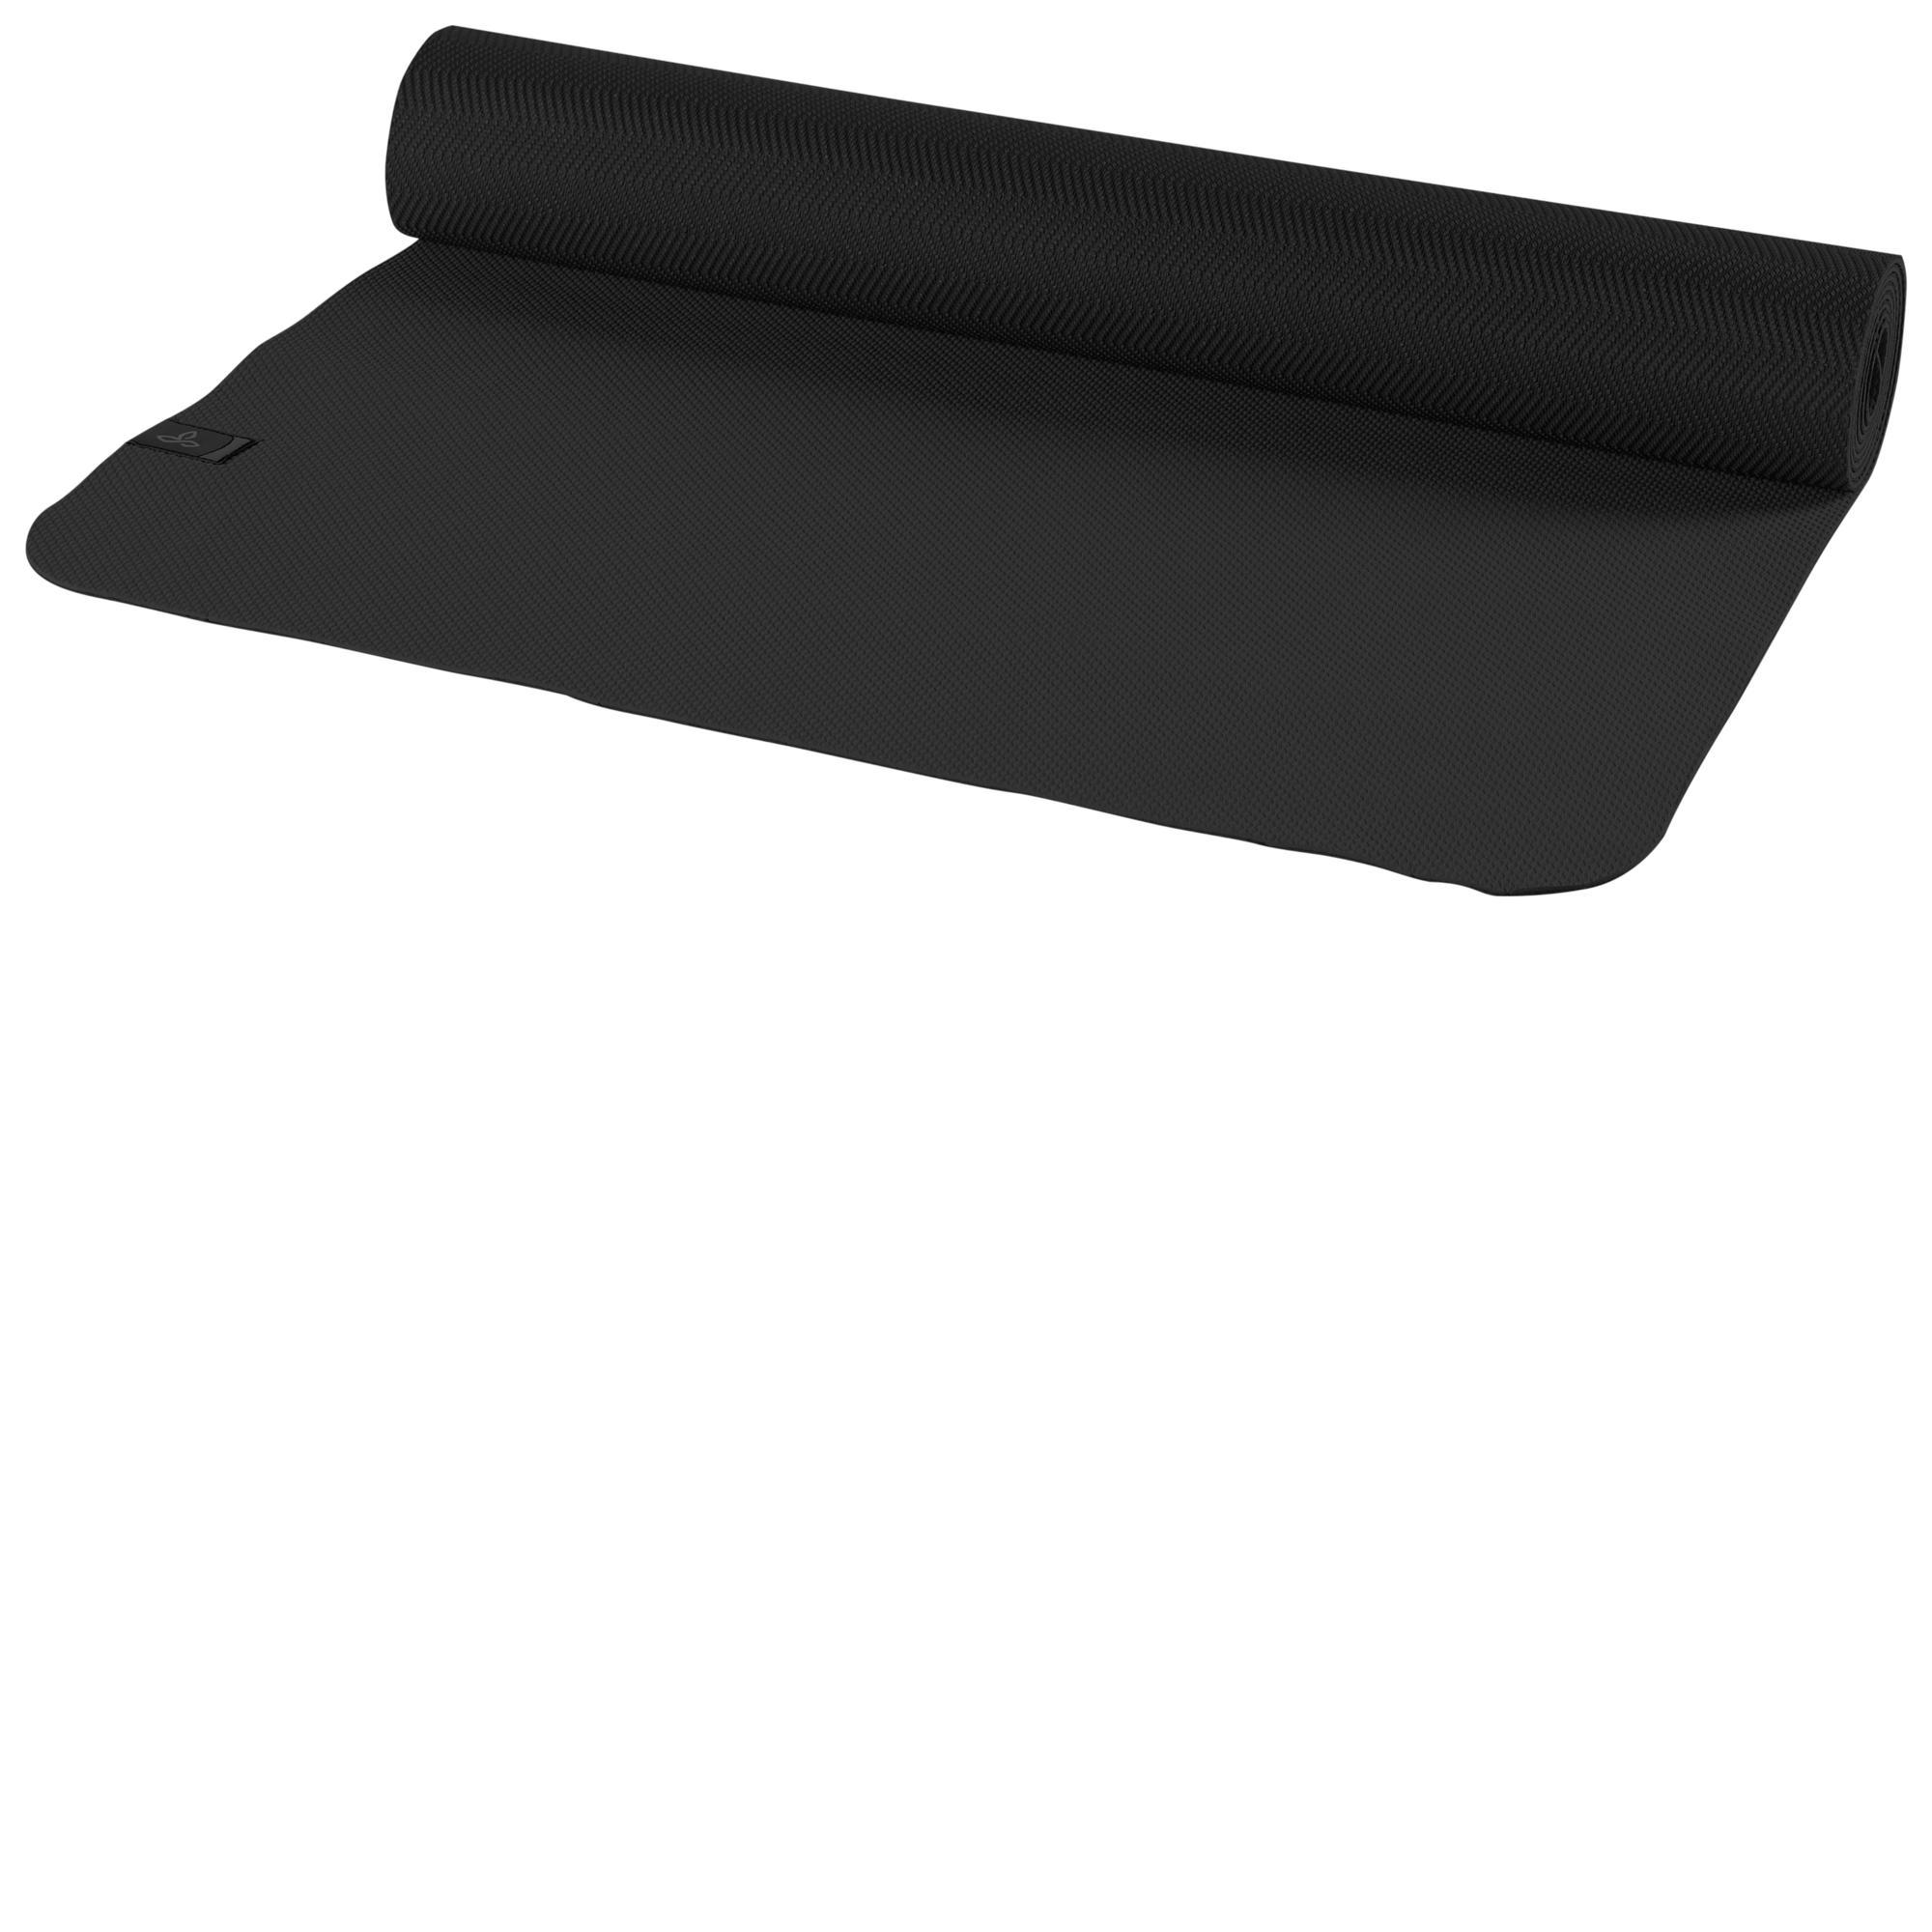 Amazon.com: Prana E.C.O. esterilla de yoga, negro, talla ...